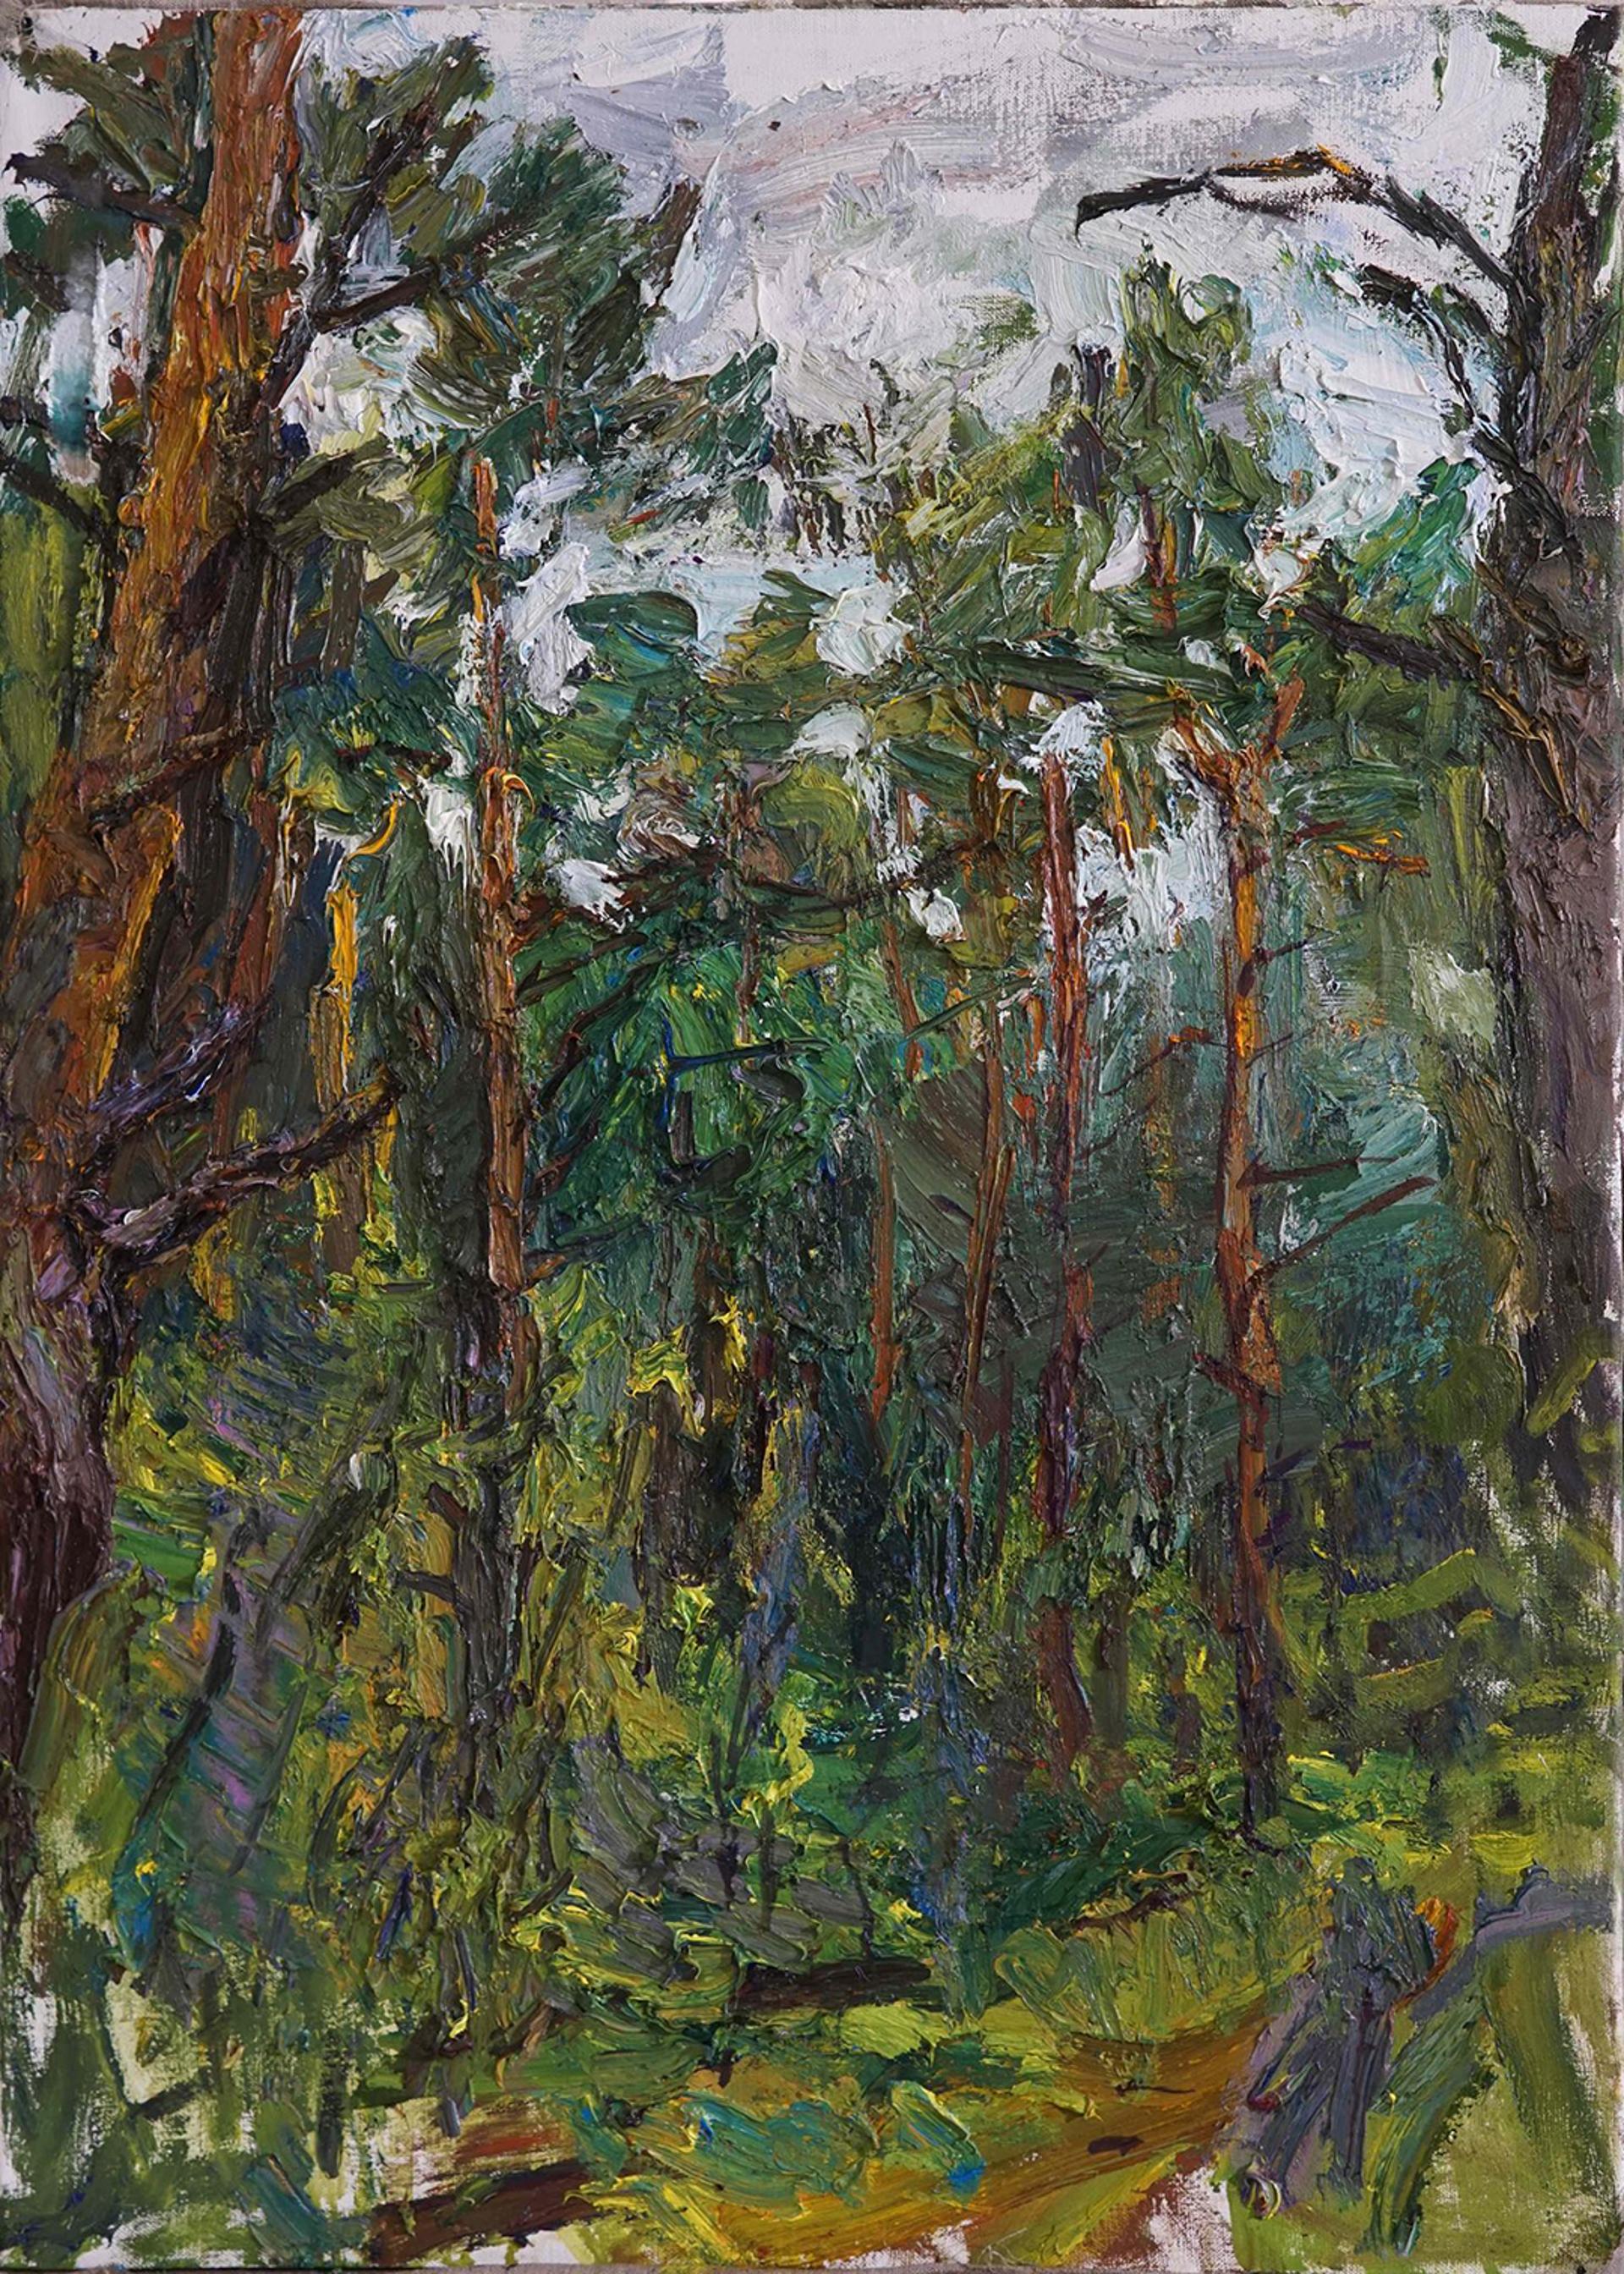 Forest by Ulrich Gleiter